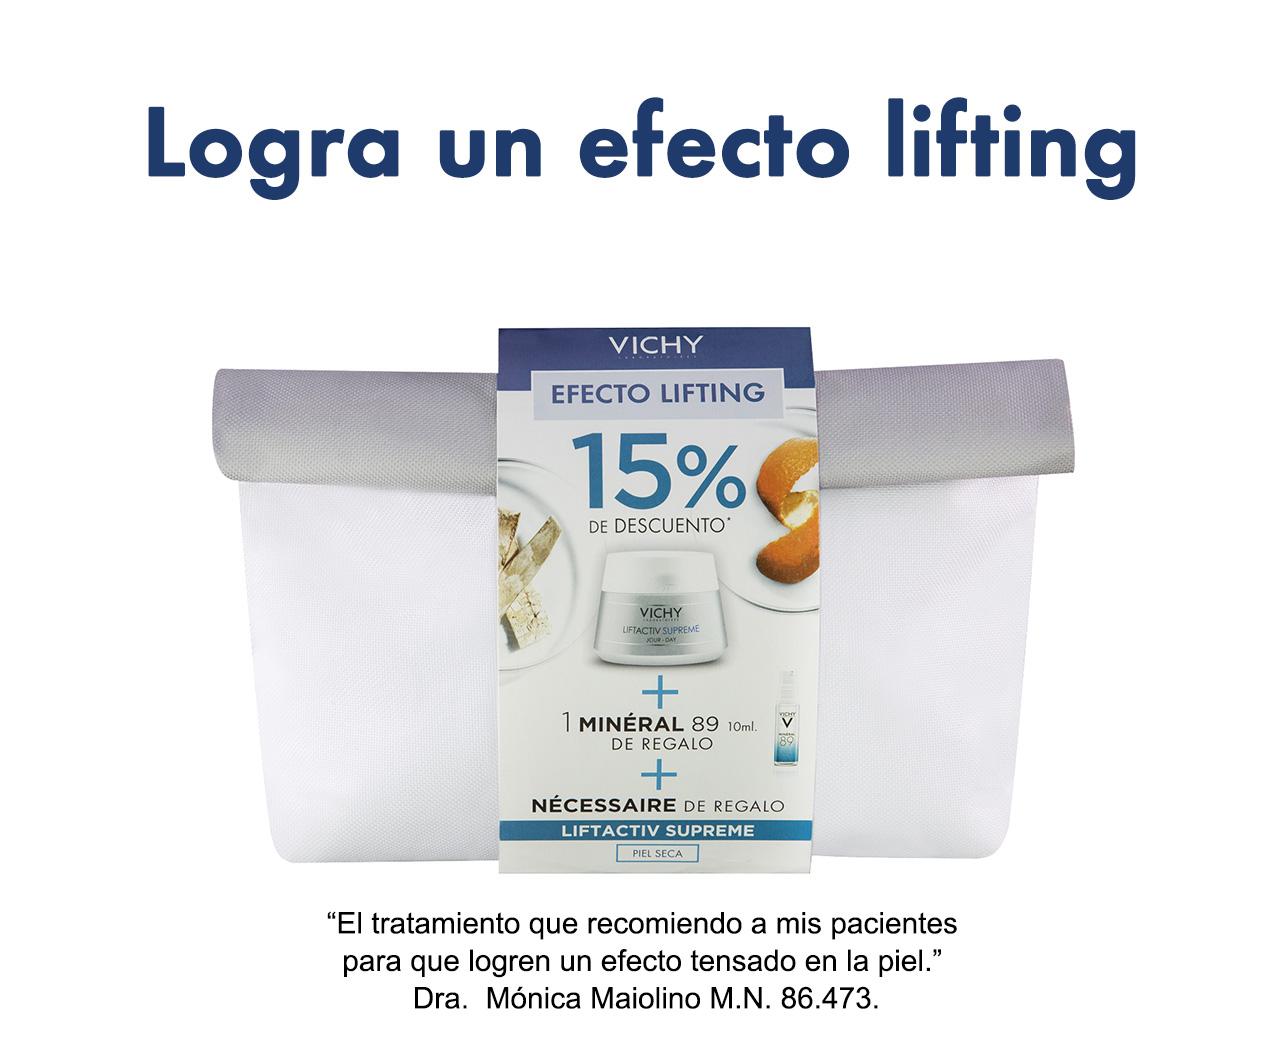 Liftactiv Supreme Piel Seca + Minéral 89 de REGALO